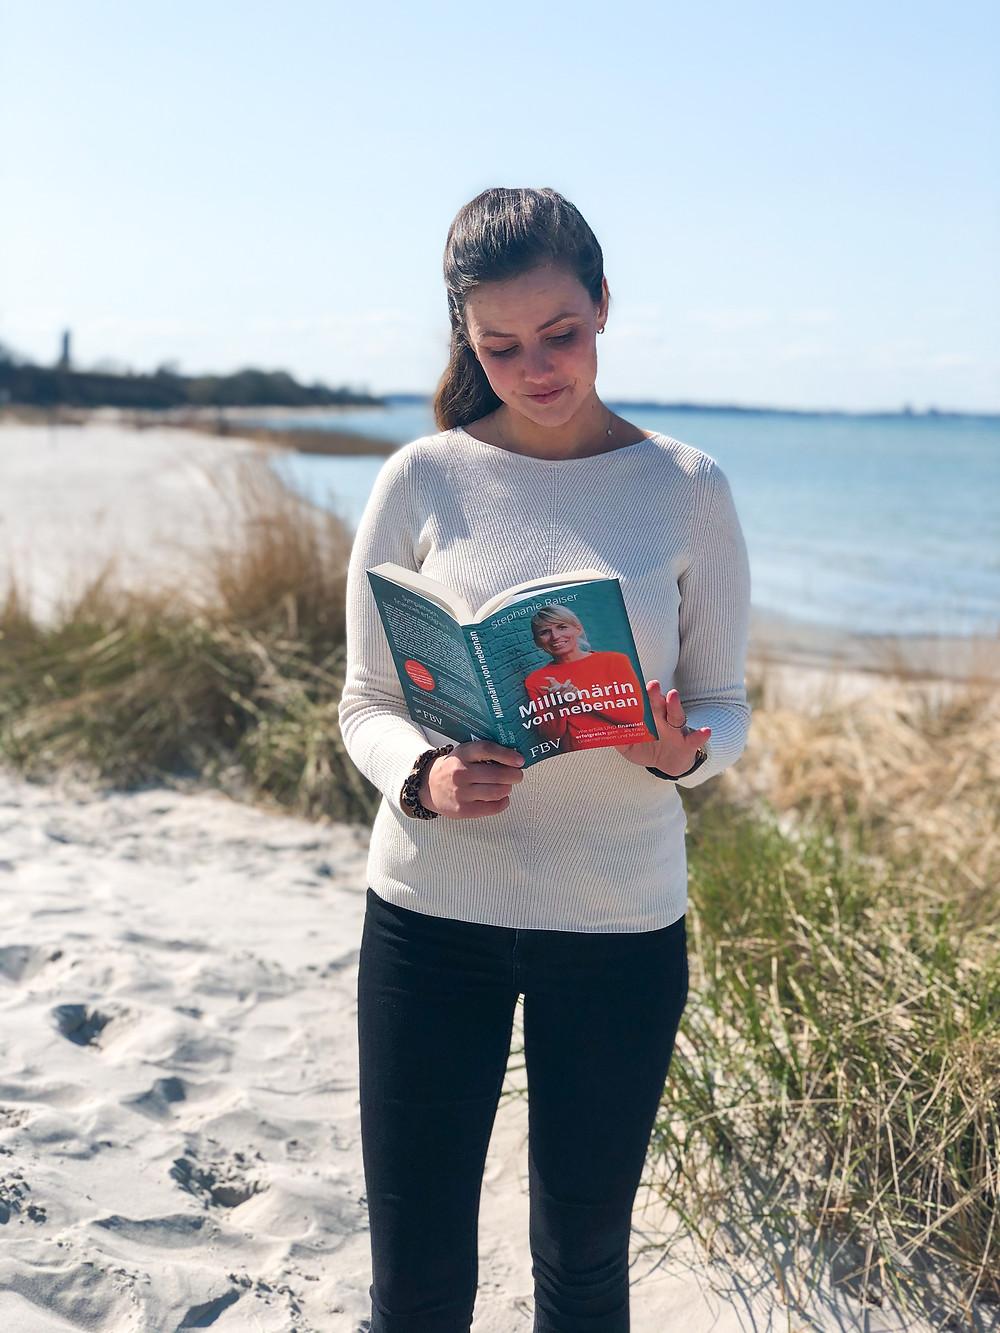 Katinka von bookbeaches stellt euch mit Millionärin von nebenan, dem neuen Buch von Stephanie Raiser ein neues Buch vor, welches Frauen dabei helfen kann, ihr Money-Mindset zu verbessern und selbst finanzielle Freiheit zu erreichen.